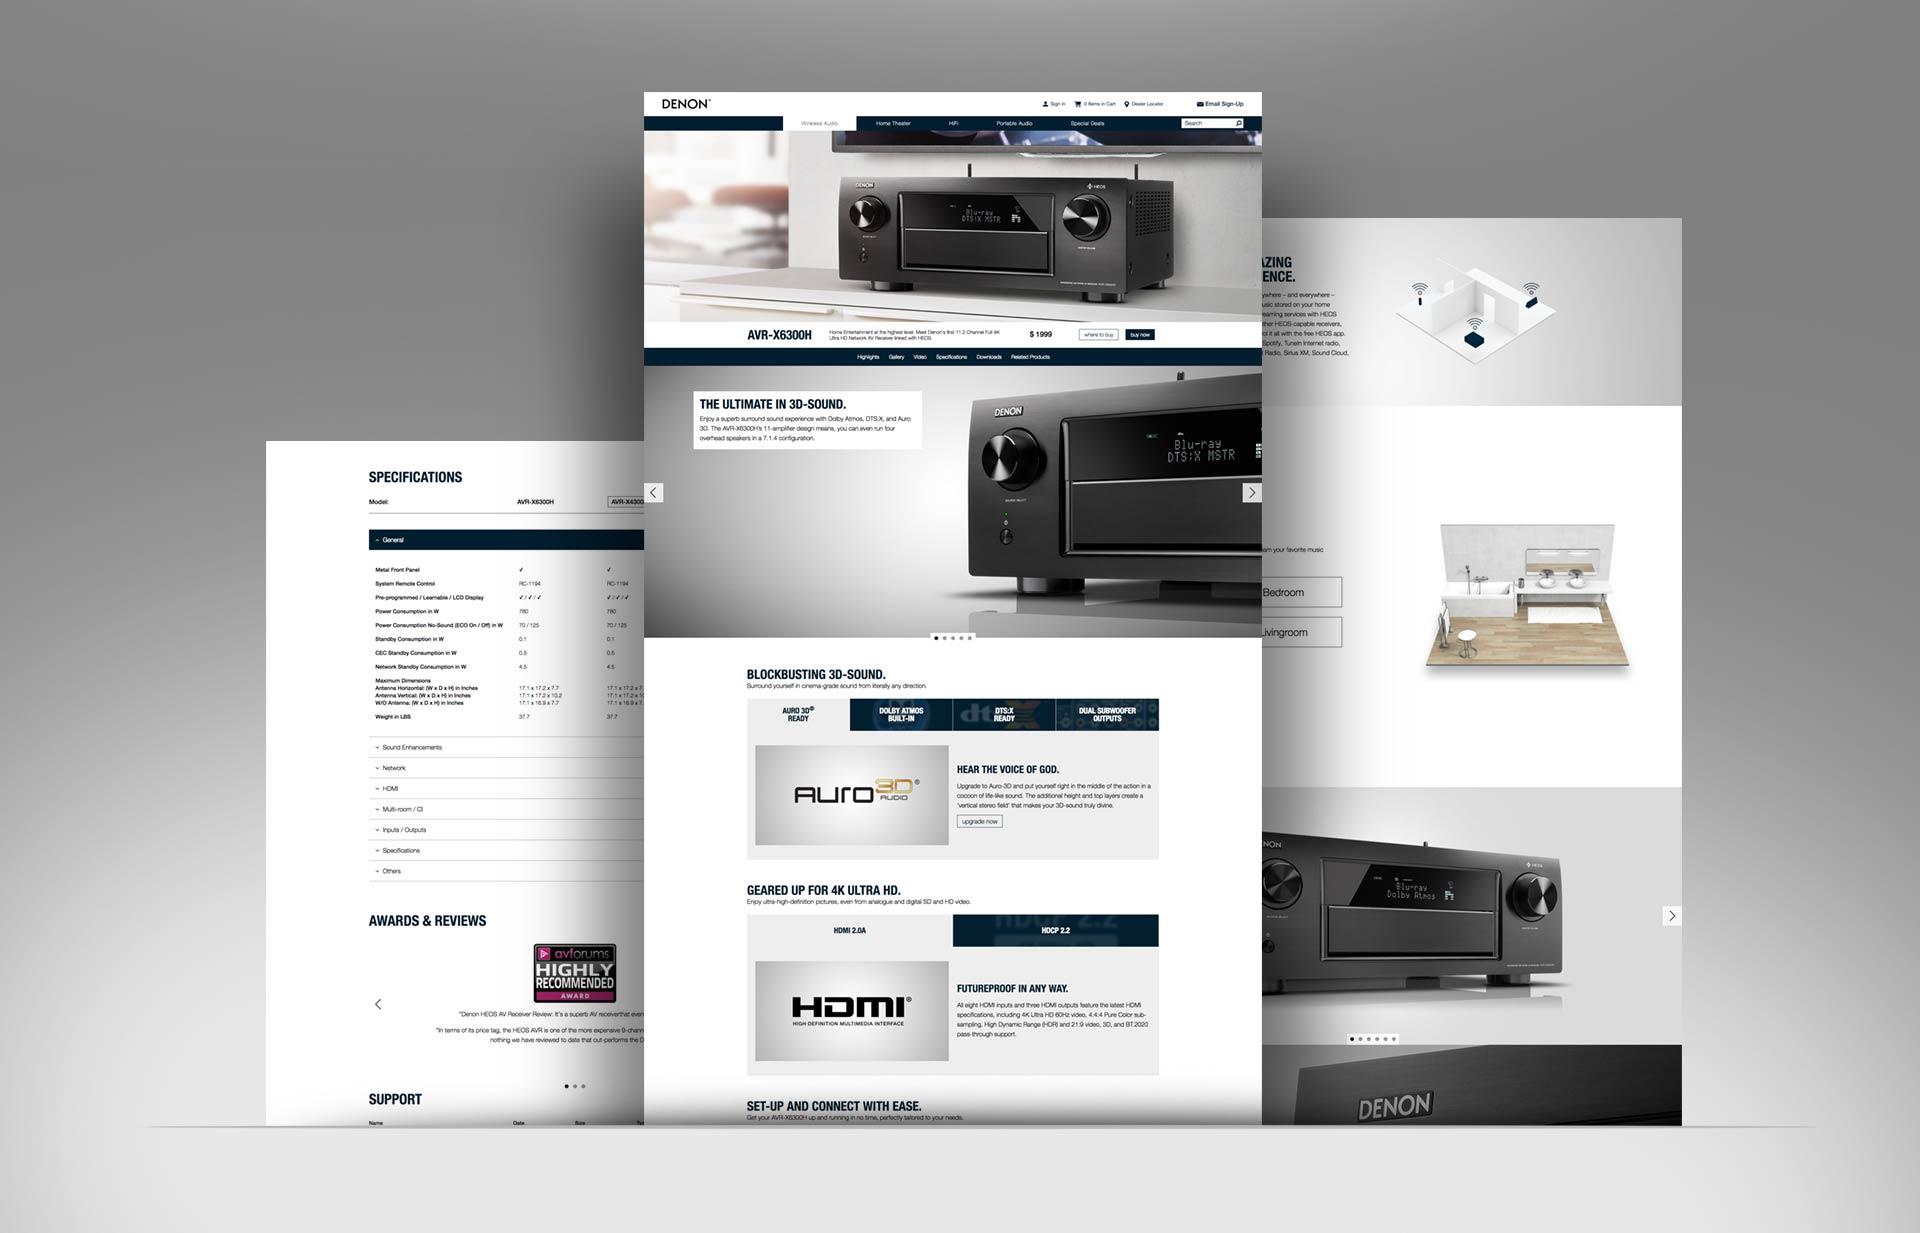 website_responsive_tablet_phone_desktop_2